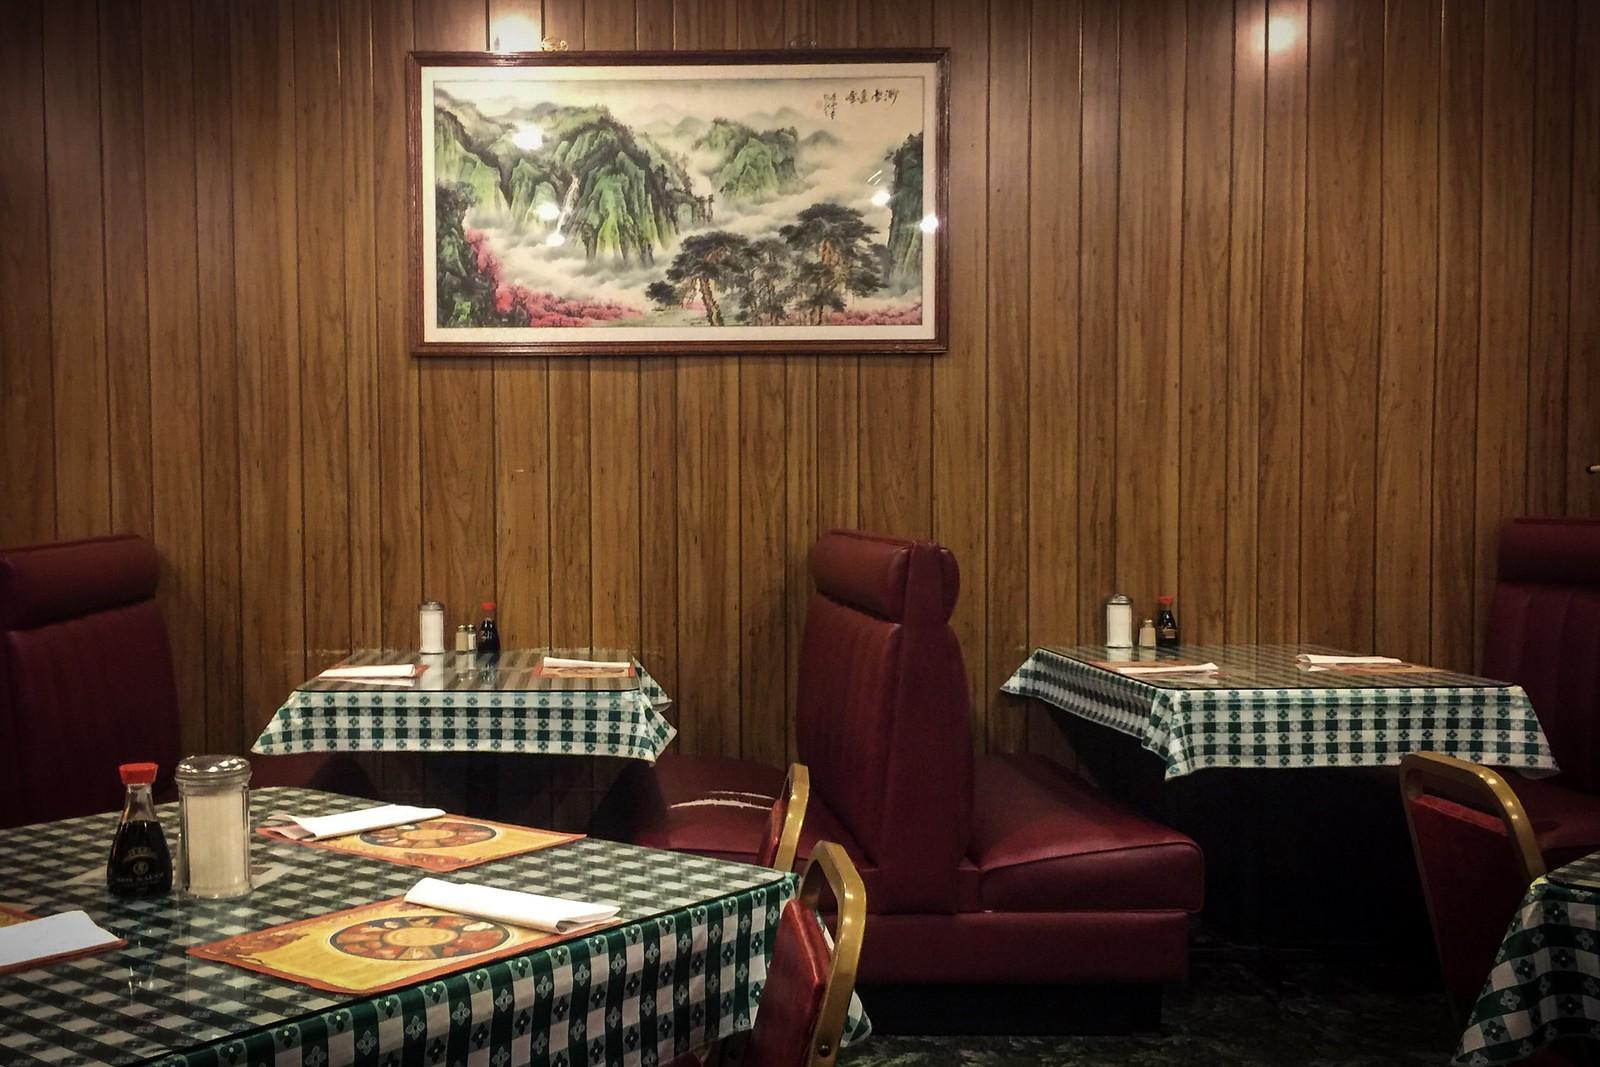 (266/366) Chinese Restaurant